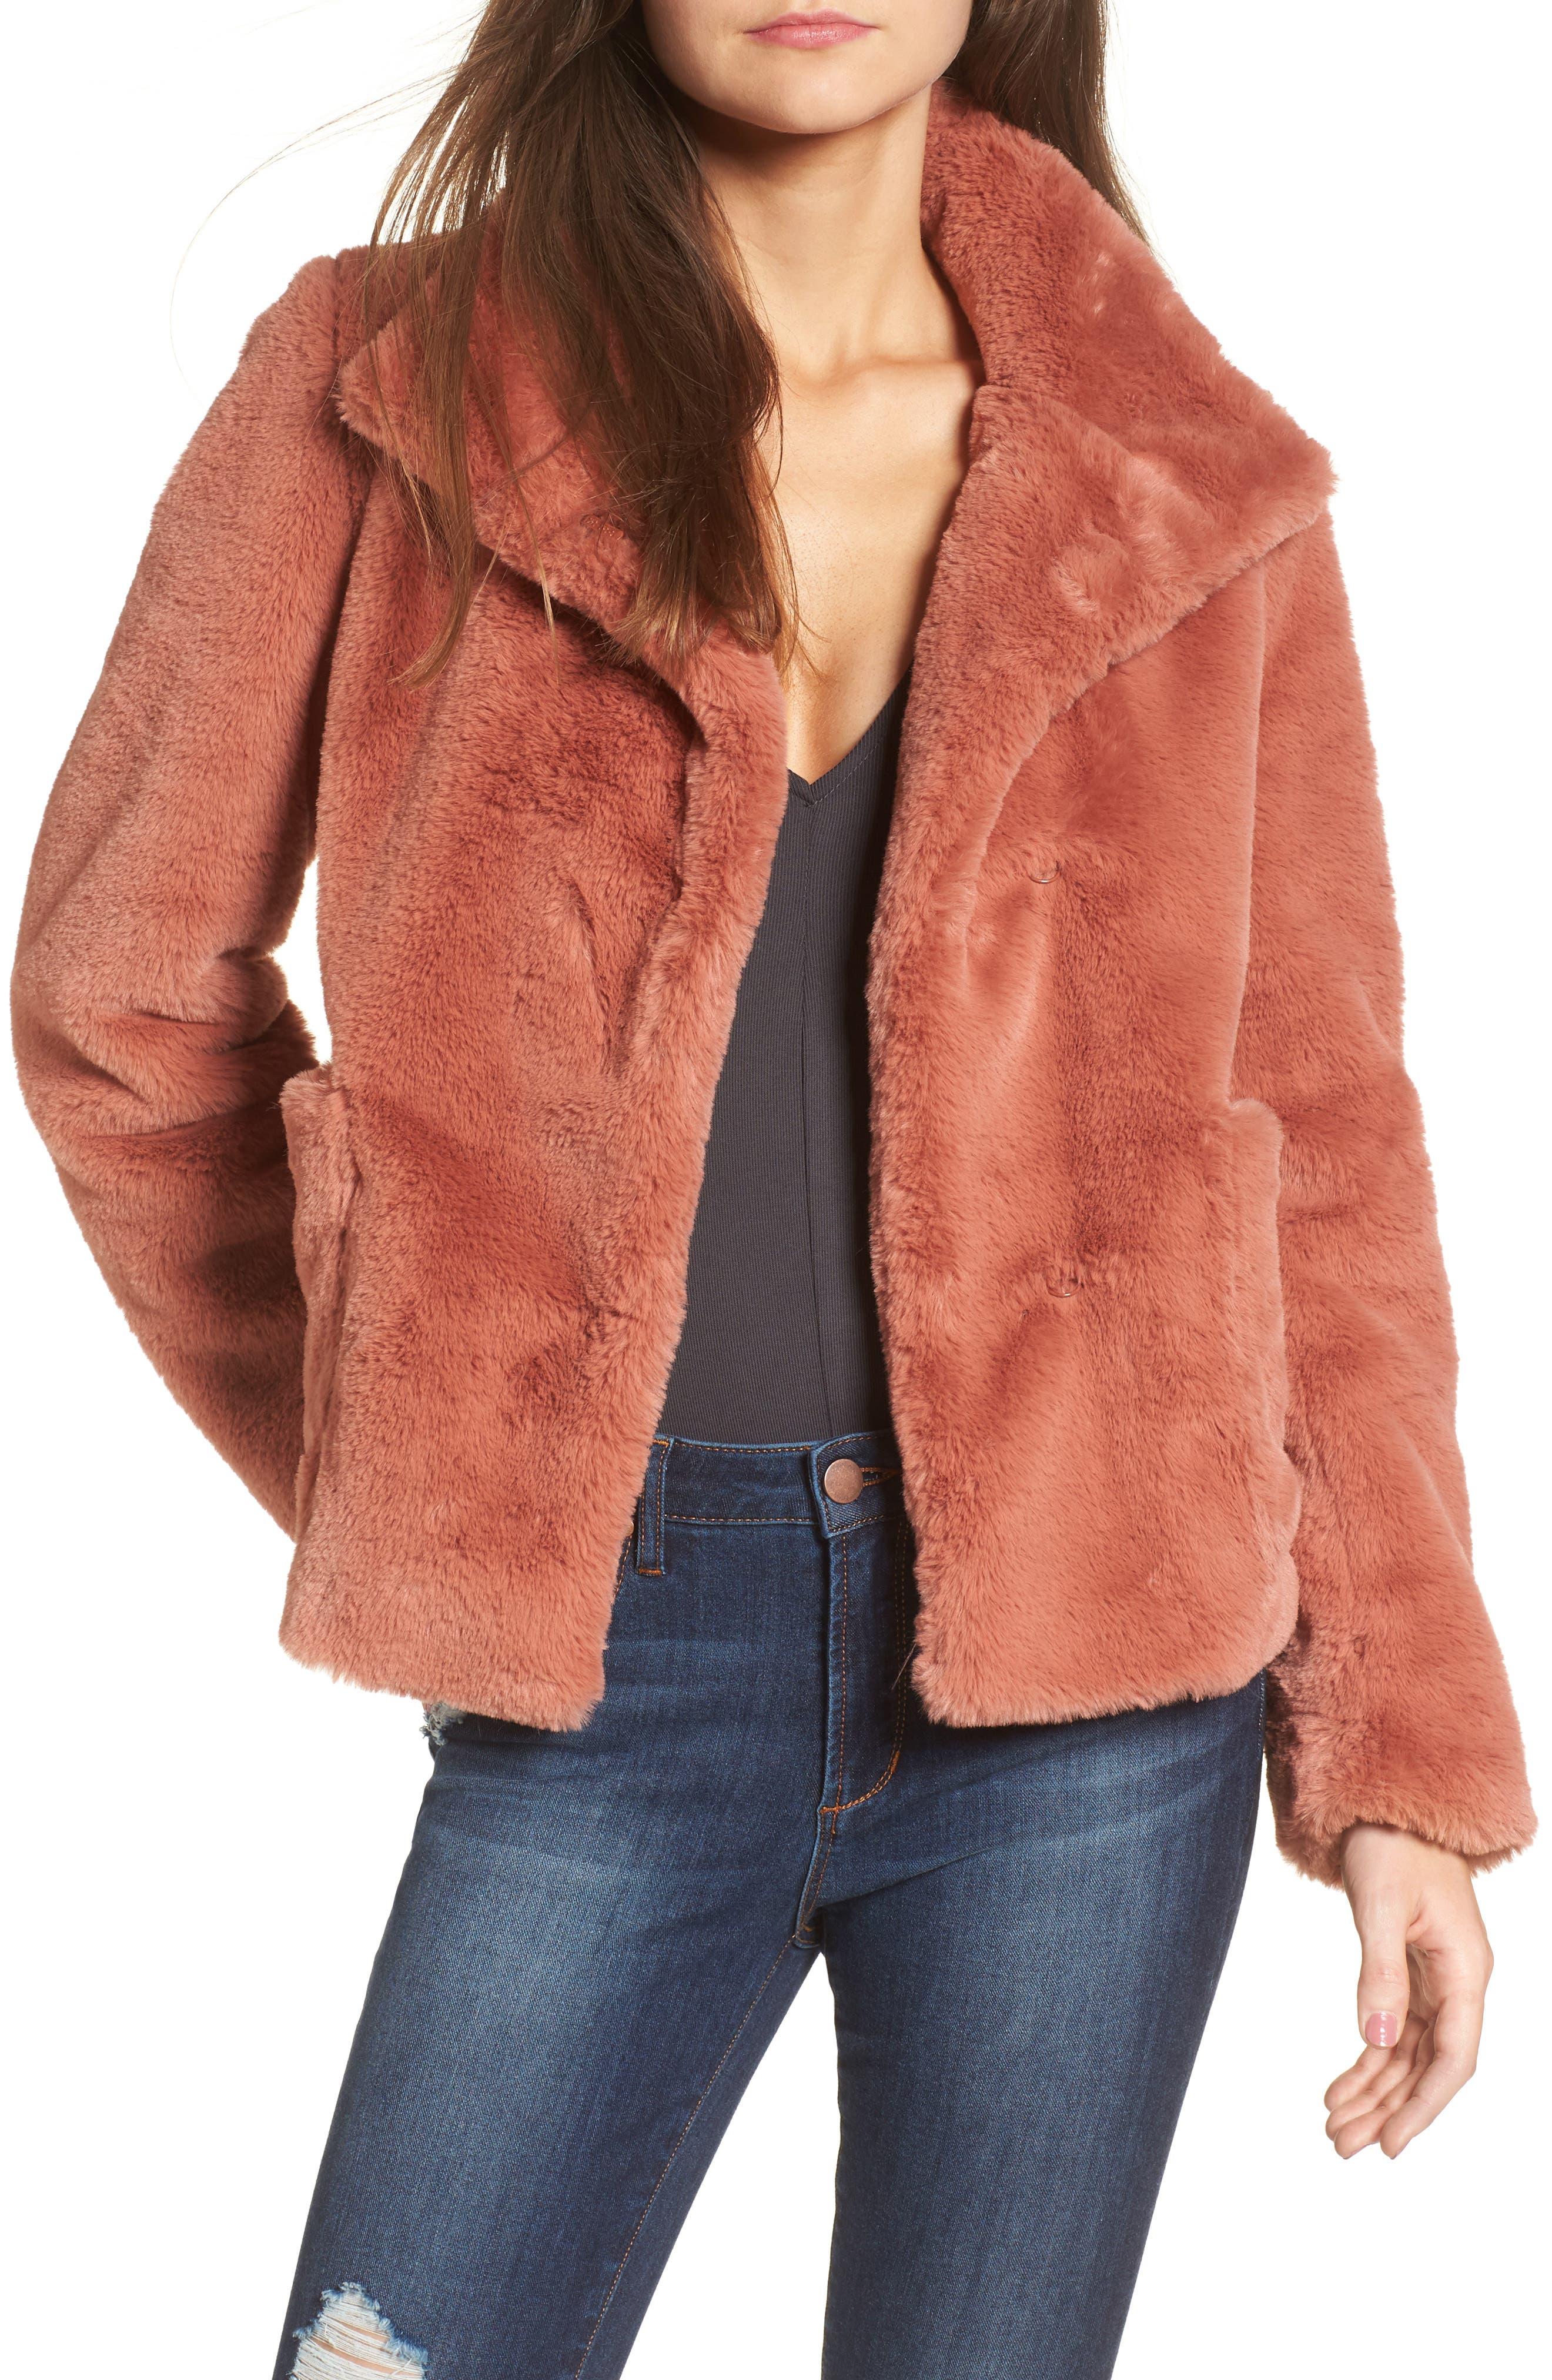 Leith Fur-Fect Faux Fur Jacket